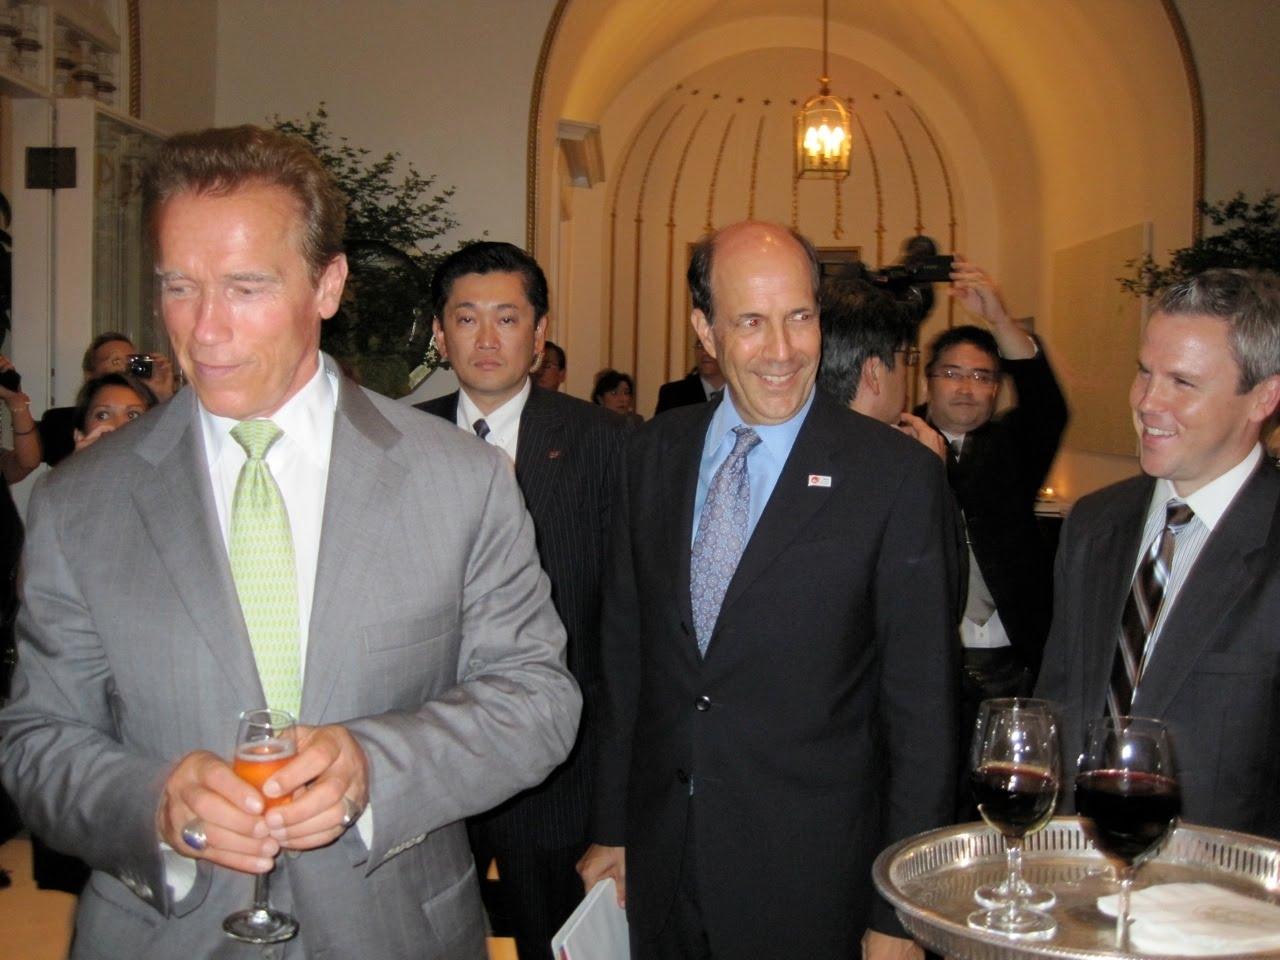 http://1.bp.blogspot.com/_qAqCd2EvUT0/TJJMCRF_CHI/AAAAAAAAANg/qGyqw0wU2Iw/s1600/Governor+BrutRose1.JPG